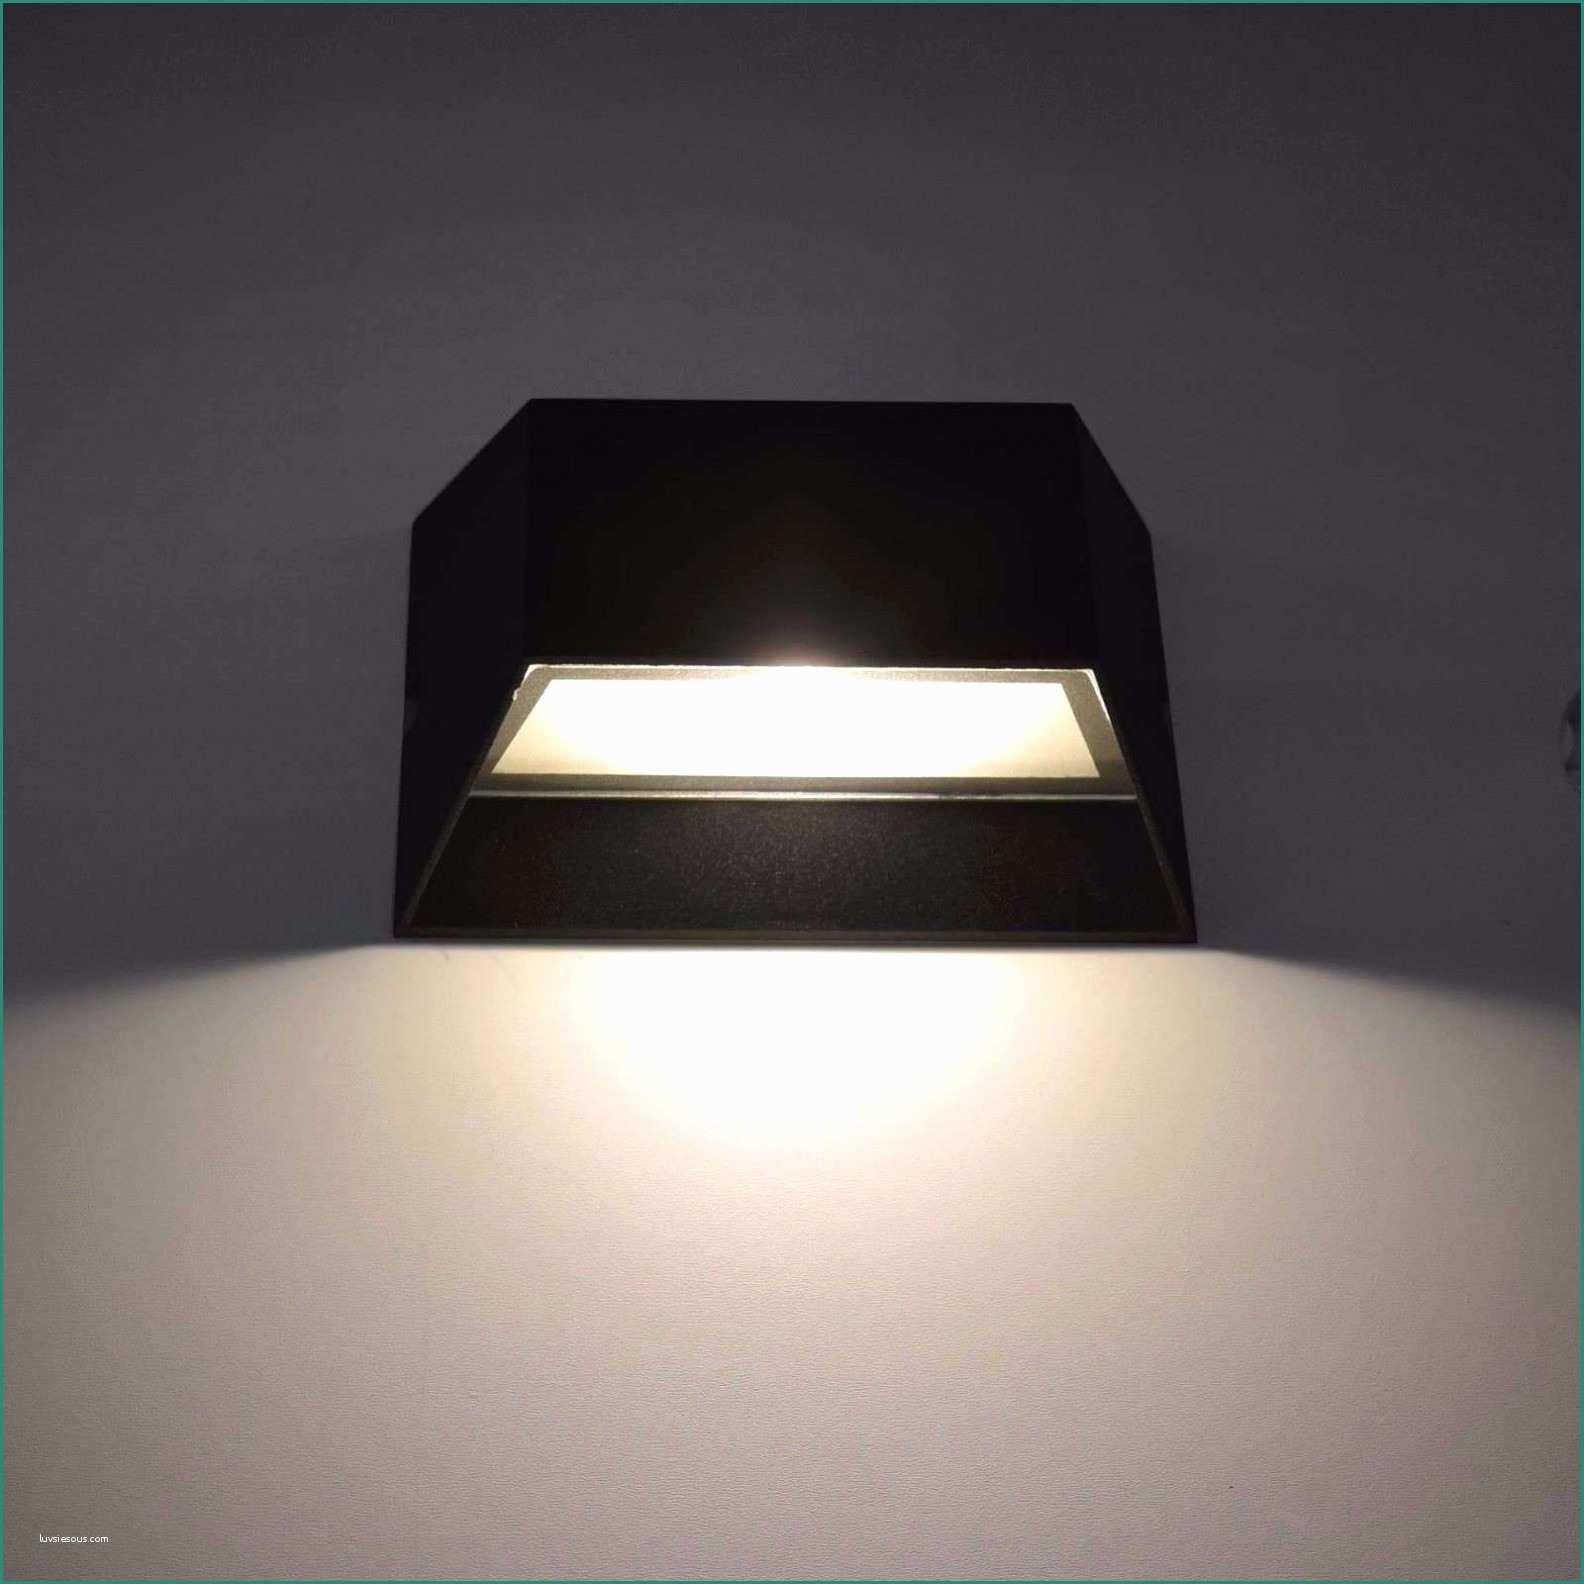 Full Size of Plafoniere Moderne Led E Emejing Deckenleuchte Schlafzimmer Modern Lampen Deckenlampe Landhausstil Rauch Komplett Weiß Teppich Truhe Vorhänge Luxus Weißes Wohnzimmer Deckenlampen Schlafzimmer